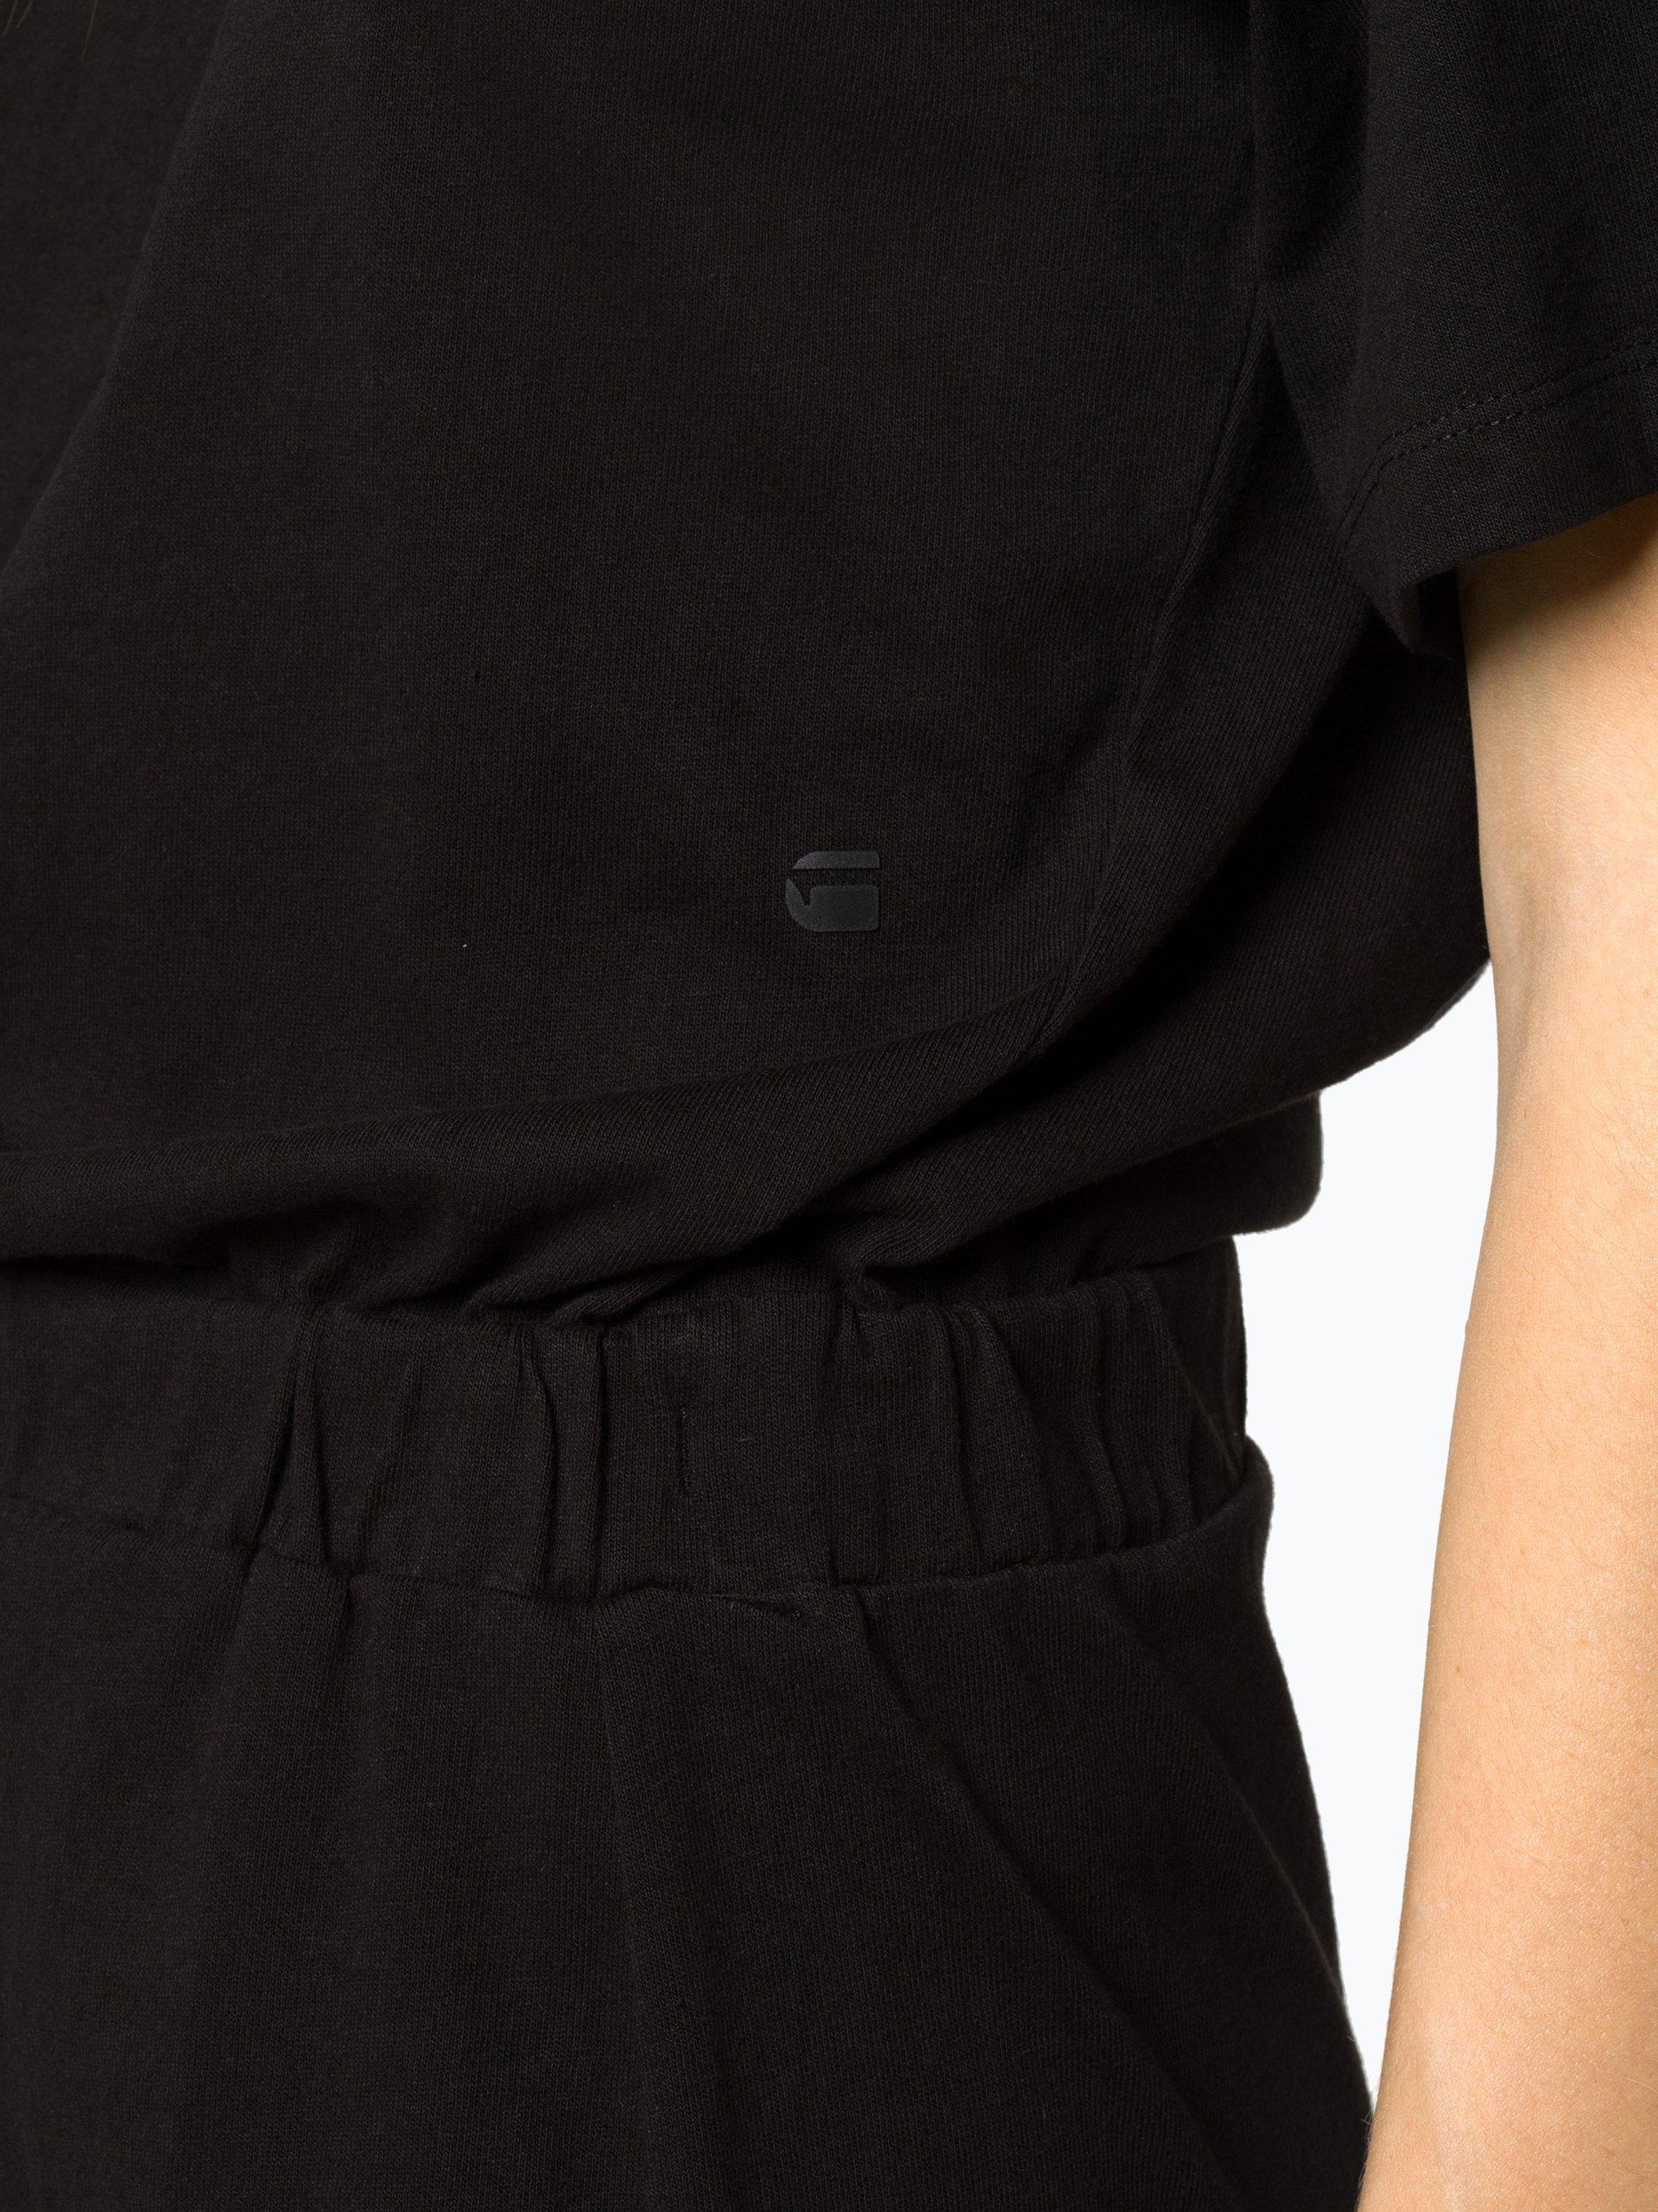 g star damen kleid bohdana 2 online kaufen peek und cloppenburg de. Black Bedroom Furniture Sets. Home Design Ideas